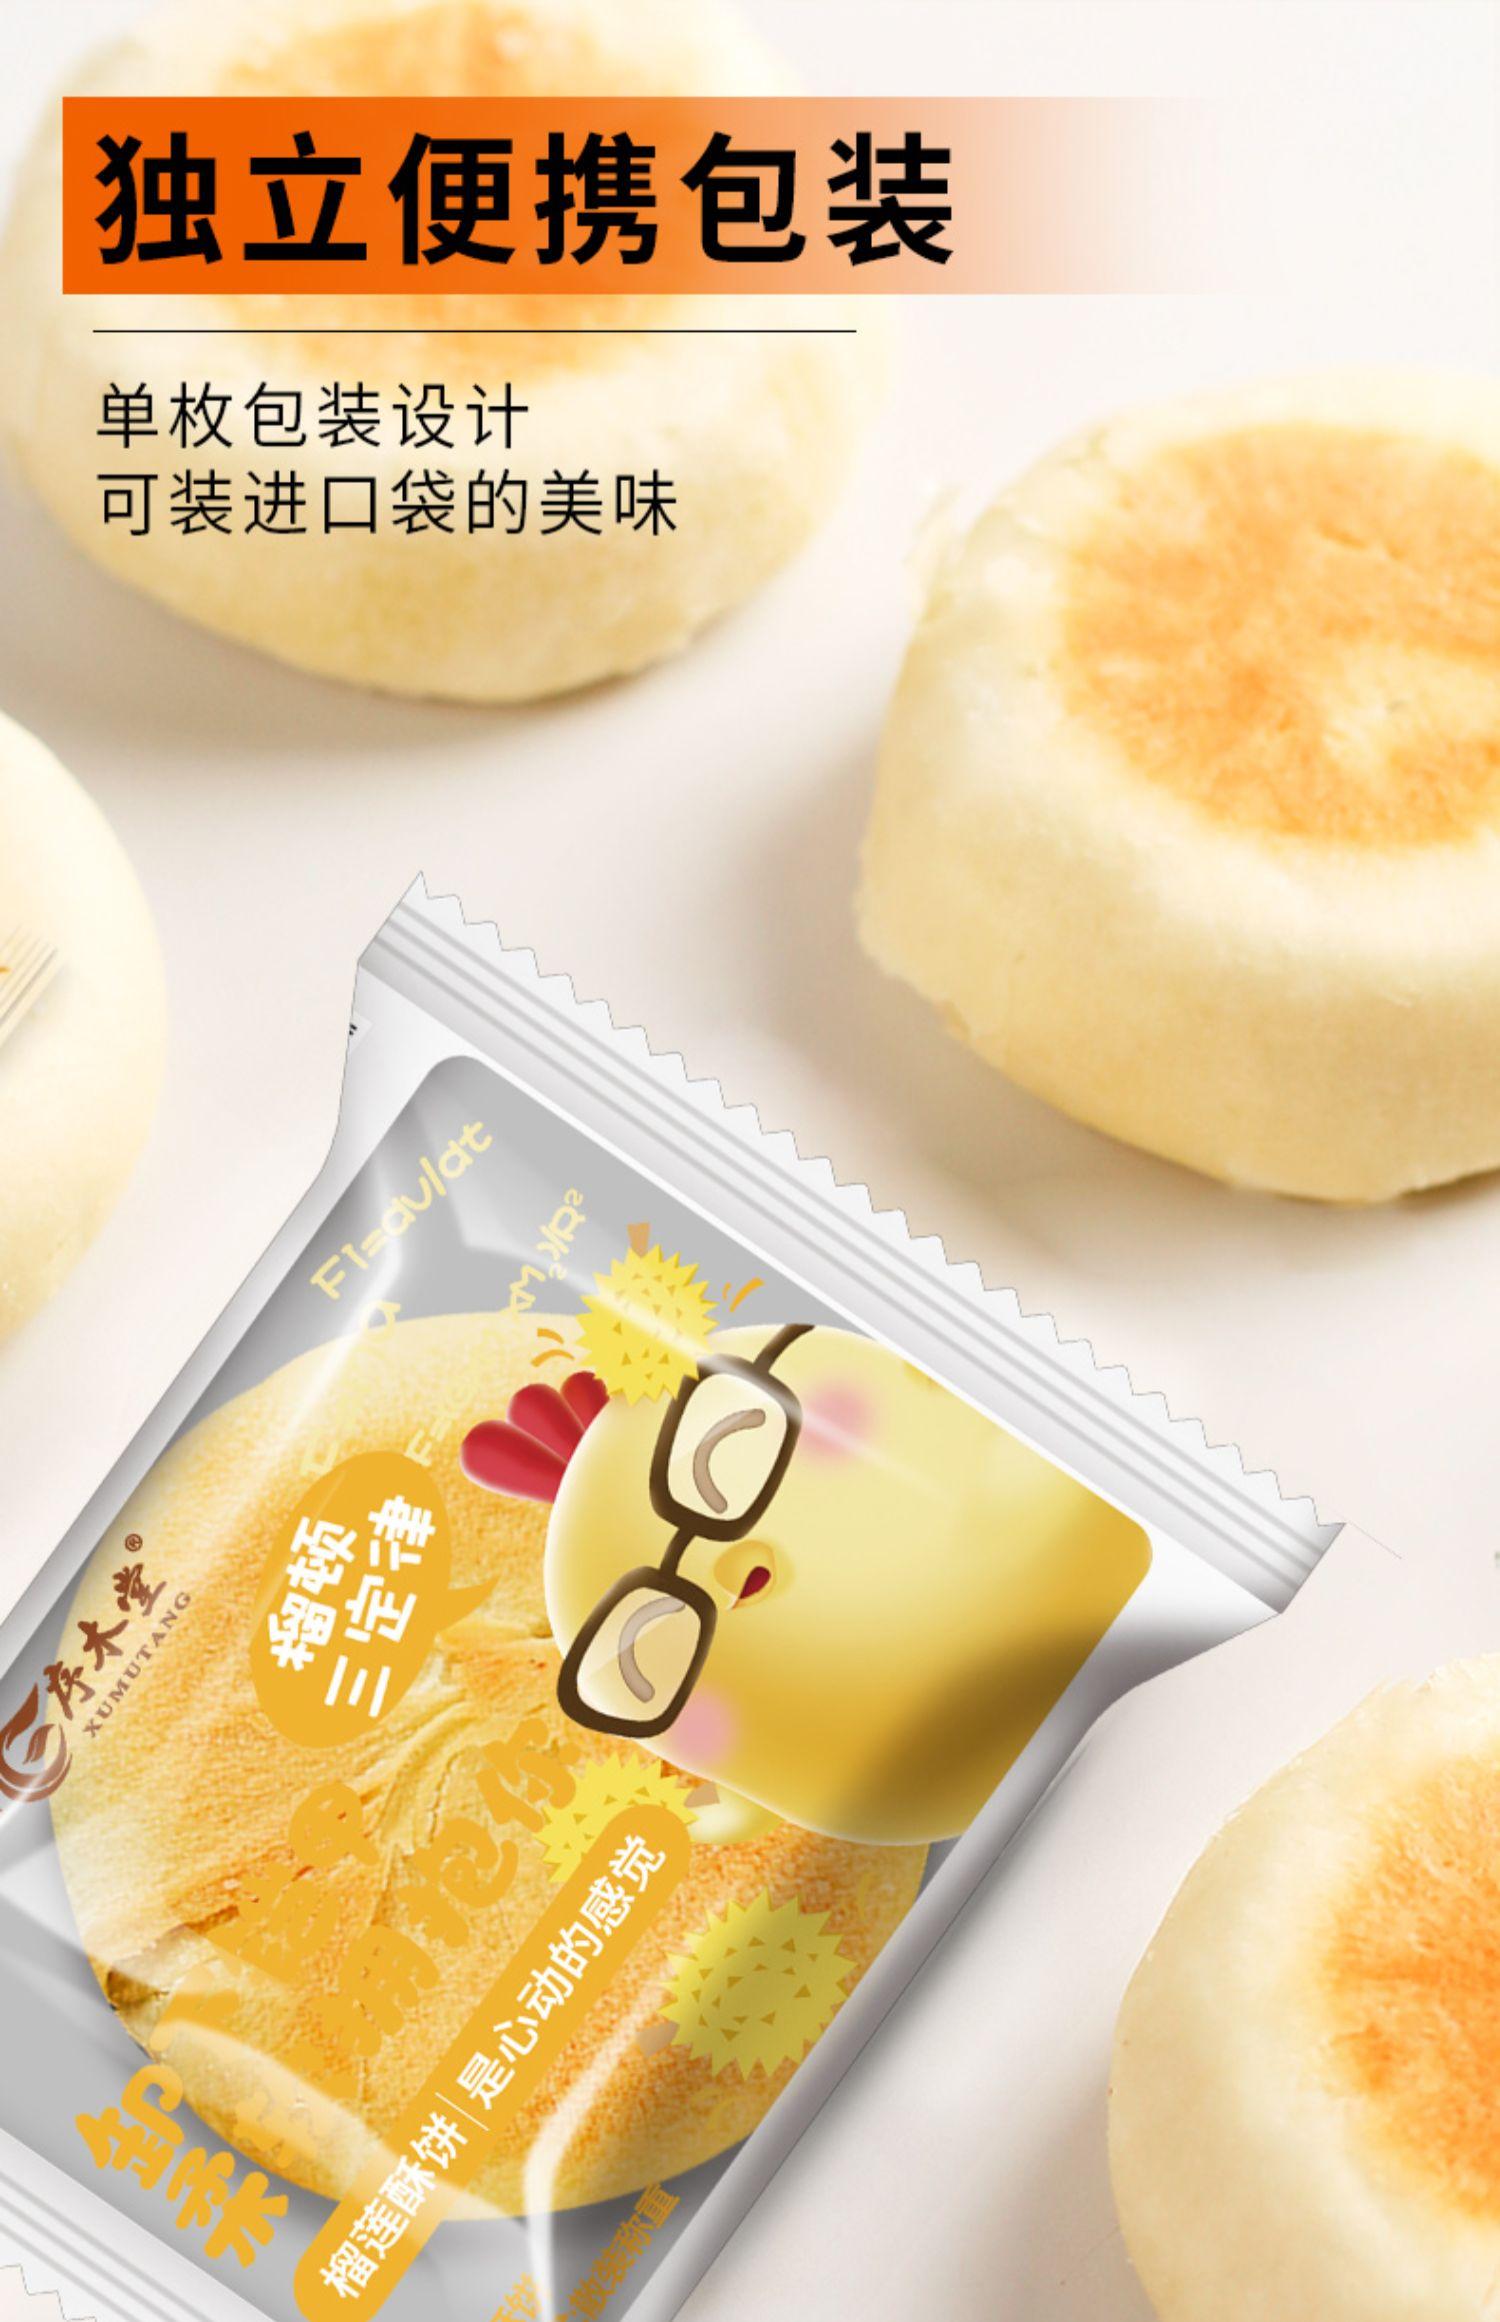 【第二份4.9】猫山王爆浆流心榴莲饼